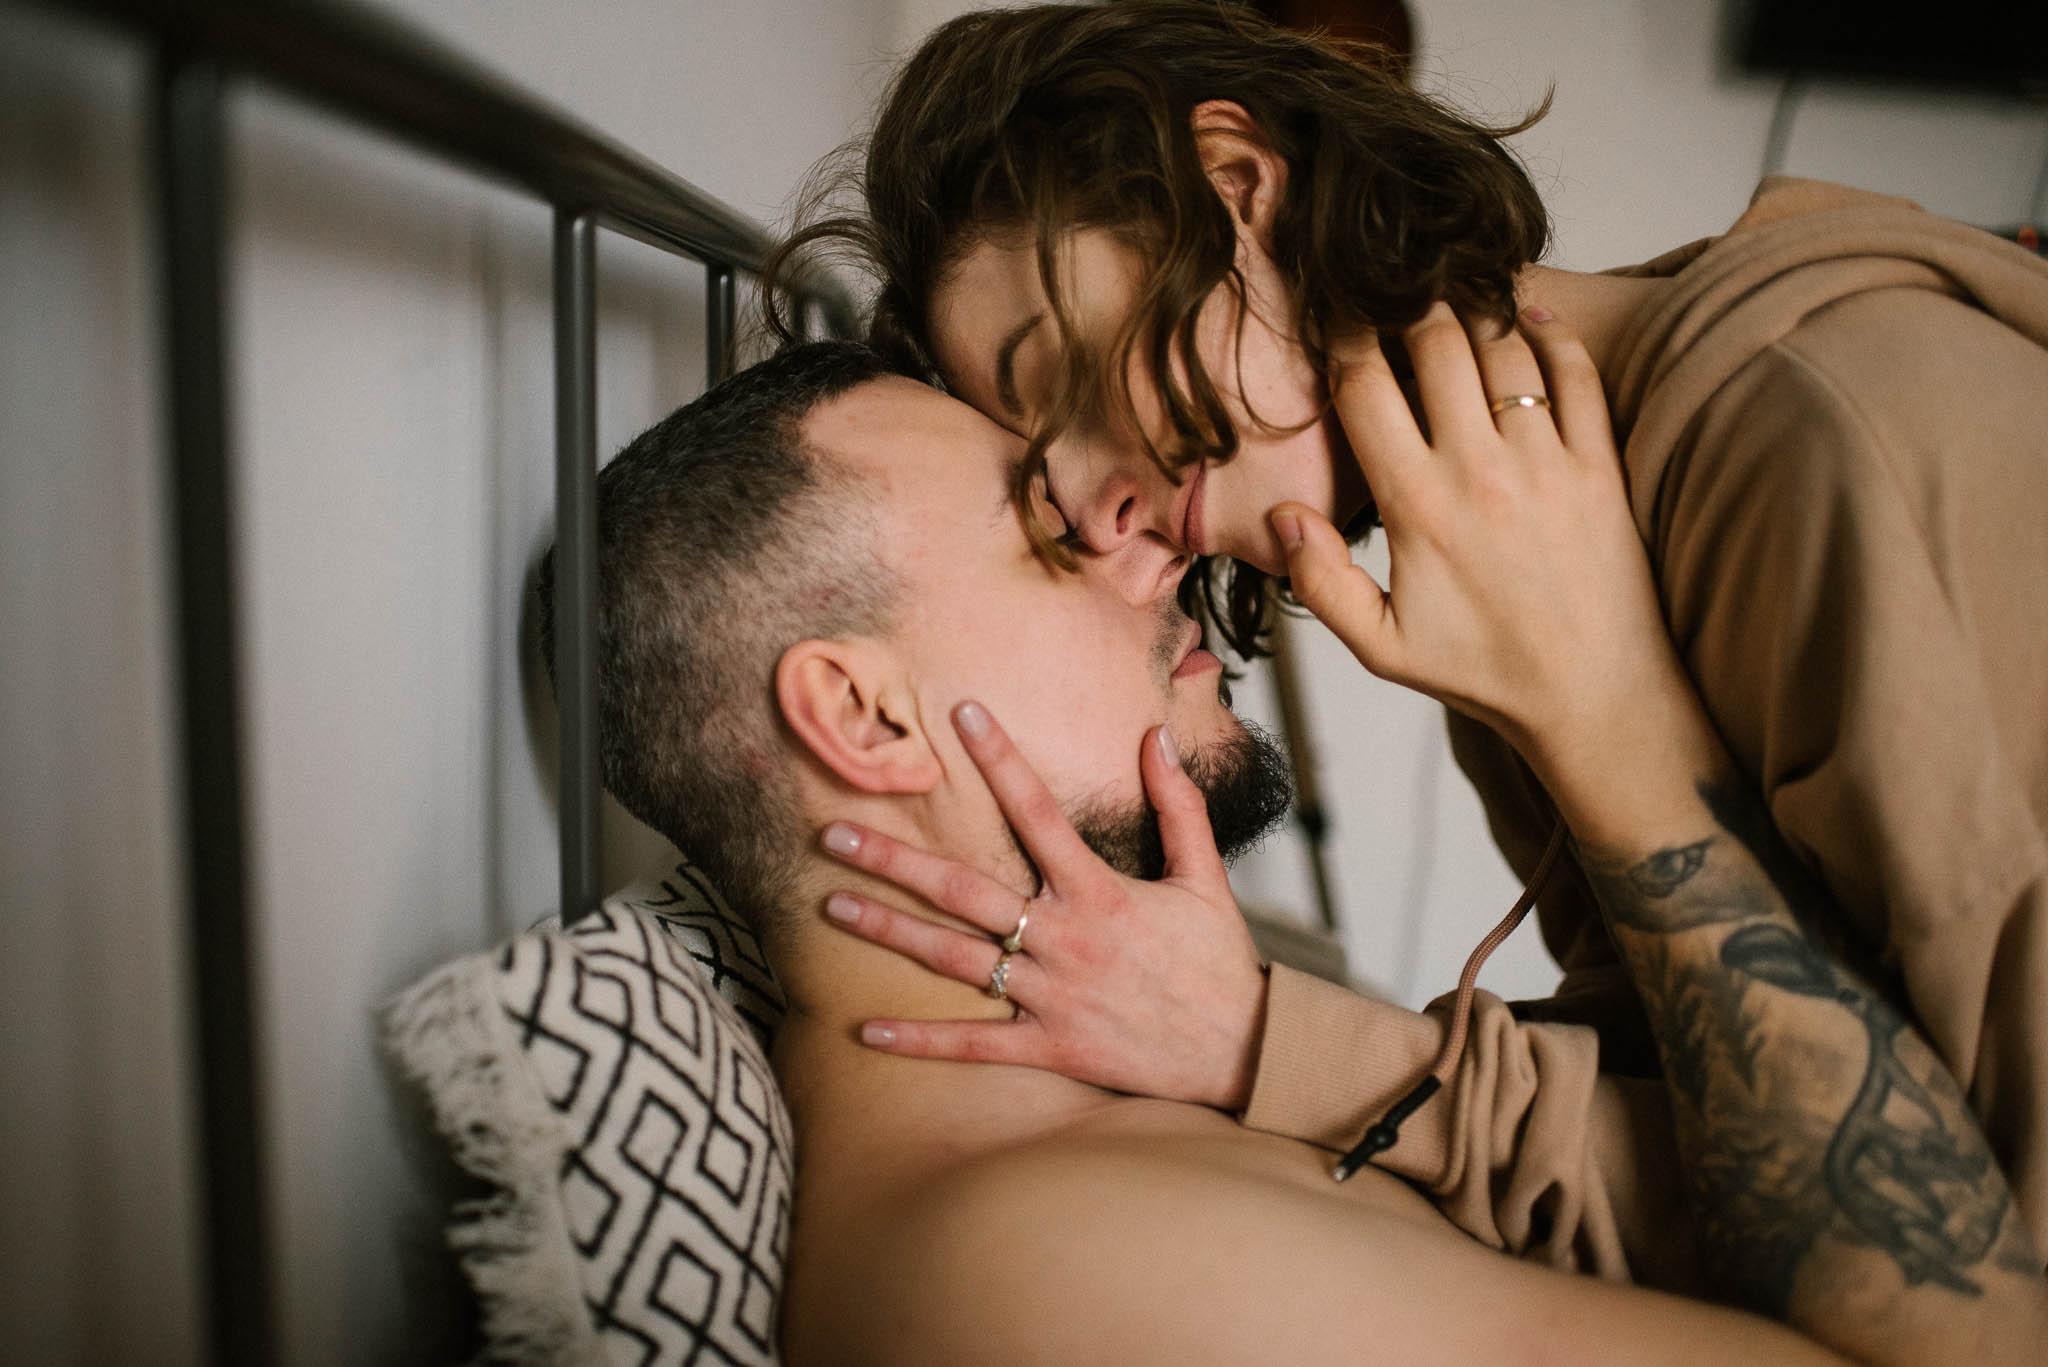 Para dotyka się i całuje w sypialni - sesja sensualna pary lifestyle w Poznaniu